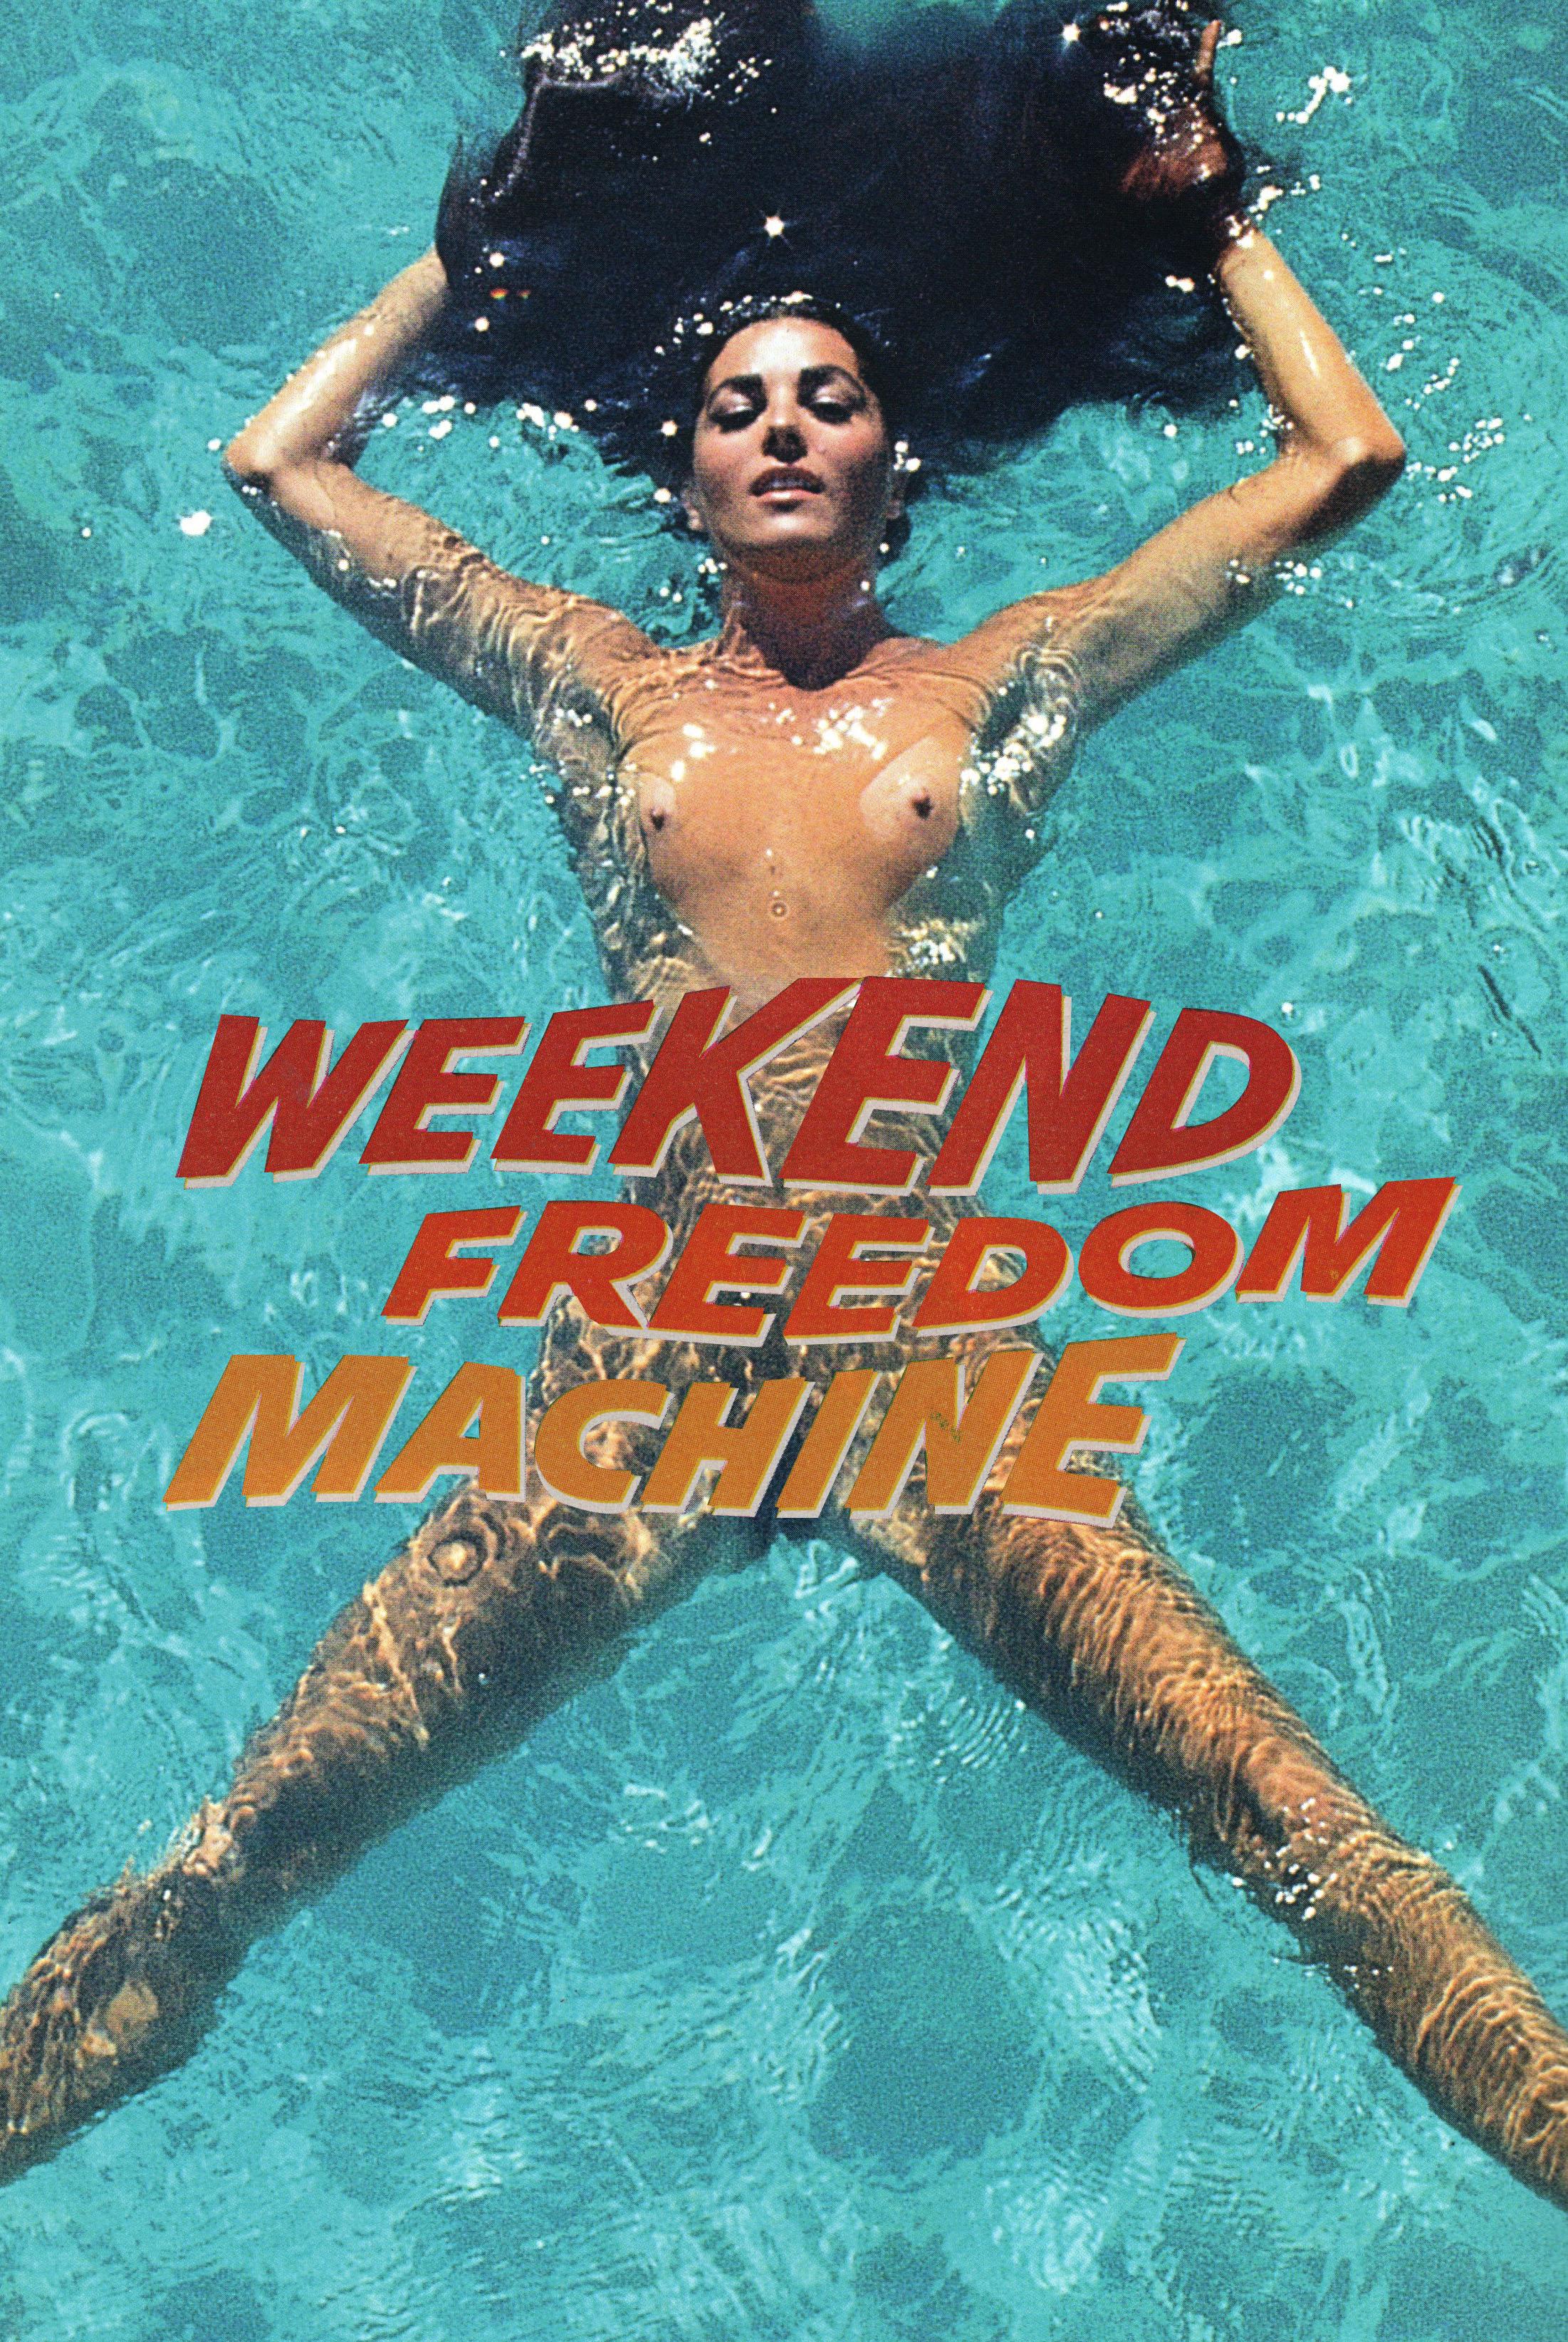 Weekend Freedom Machine